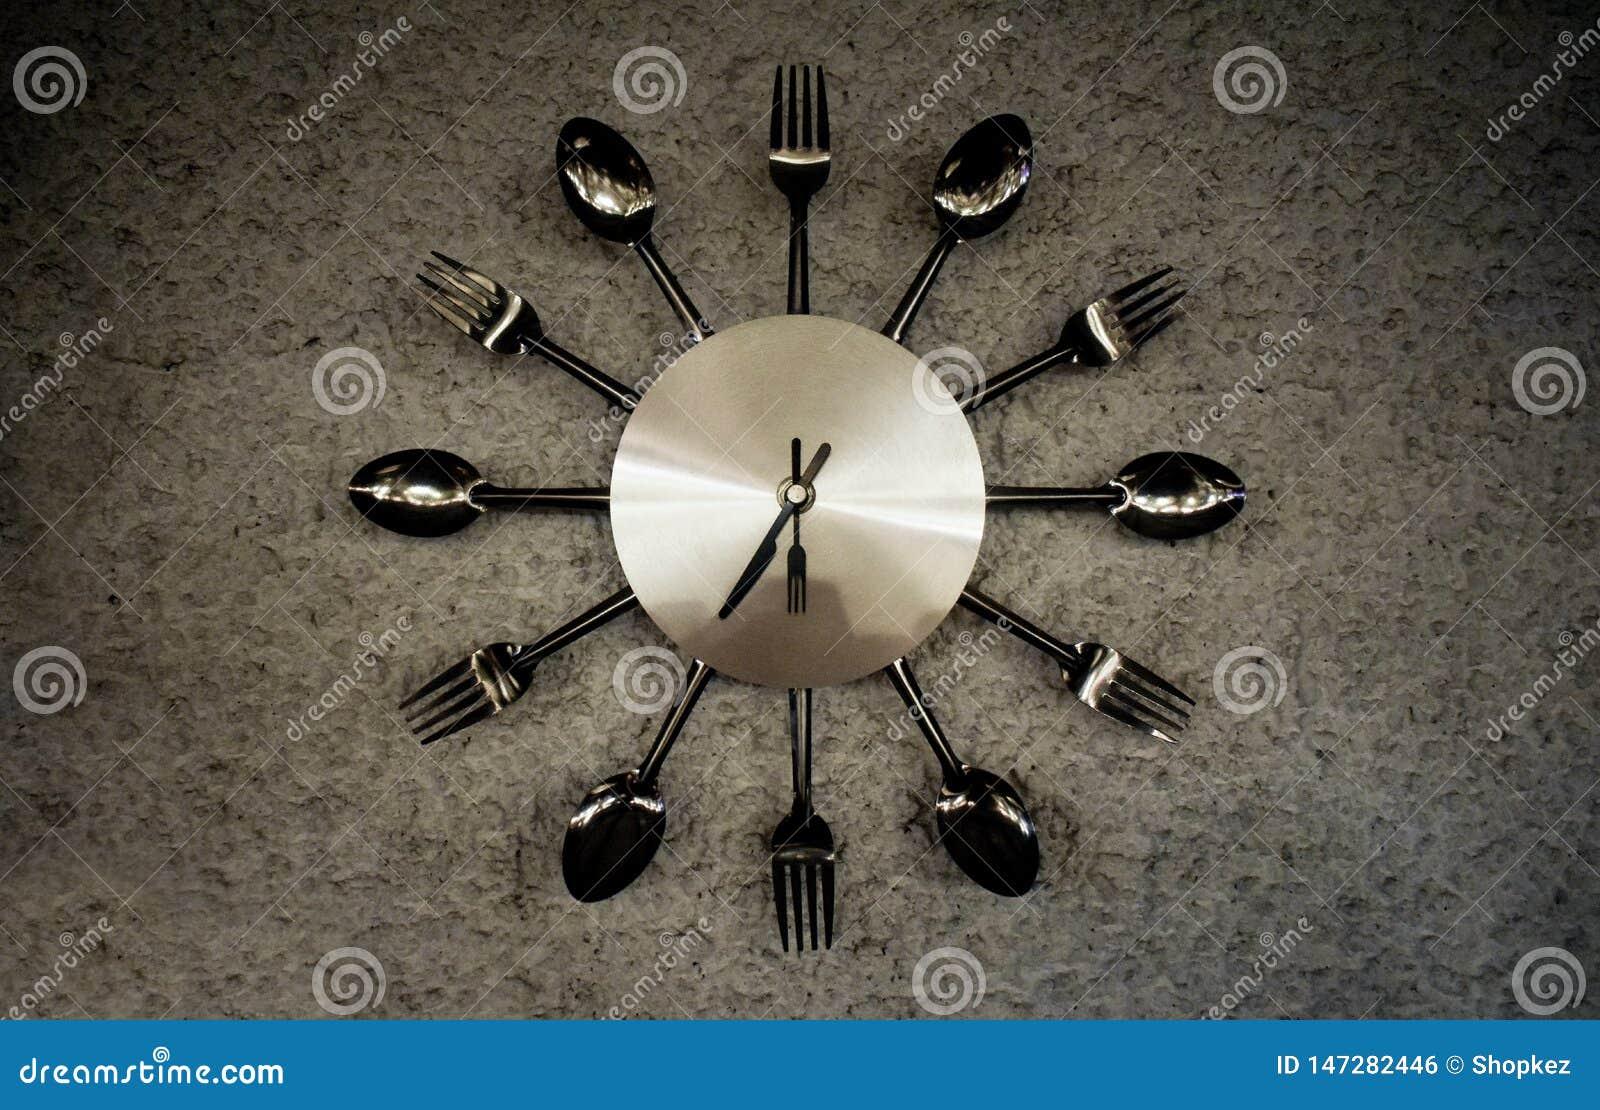 Το μεταλλικό λάμποντας ρολόι έκανε ειδικά για τη διακόσμηση εστιατορίων με τα δίκρανα, κουτάλια και knifes